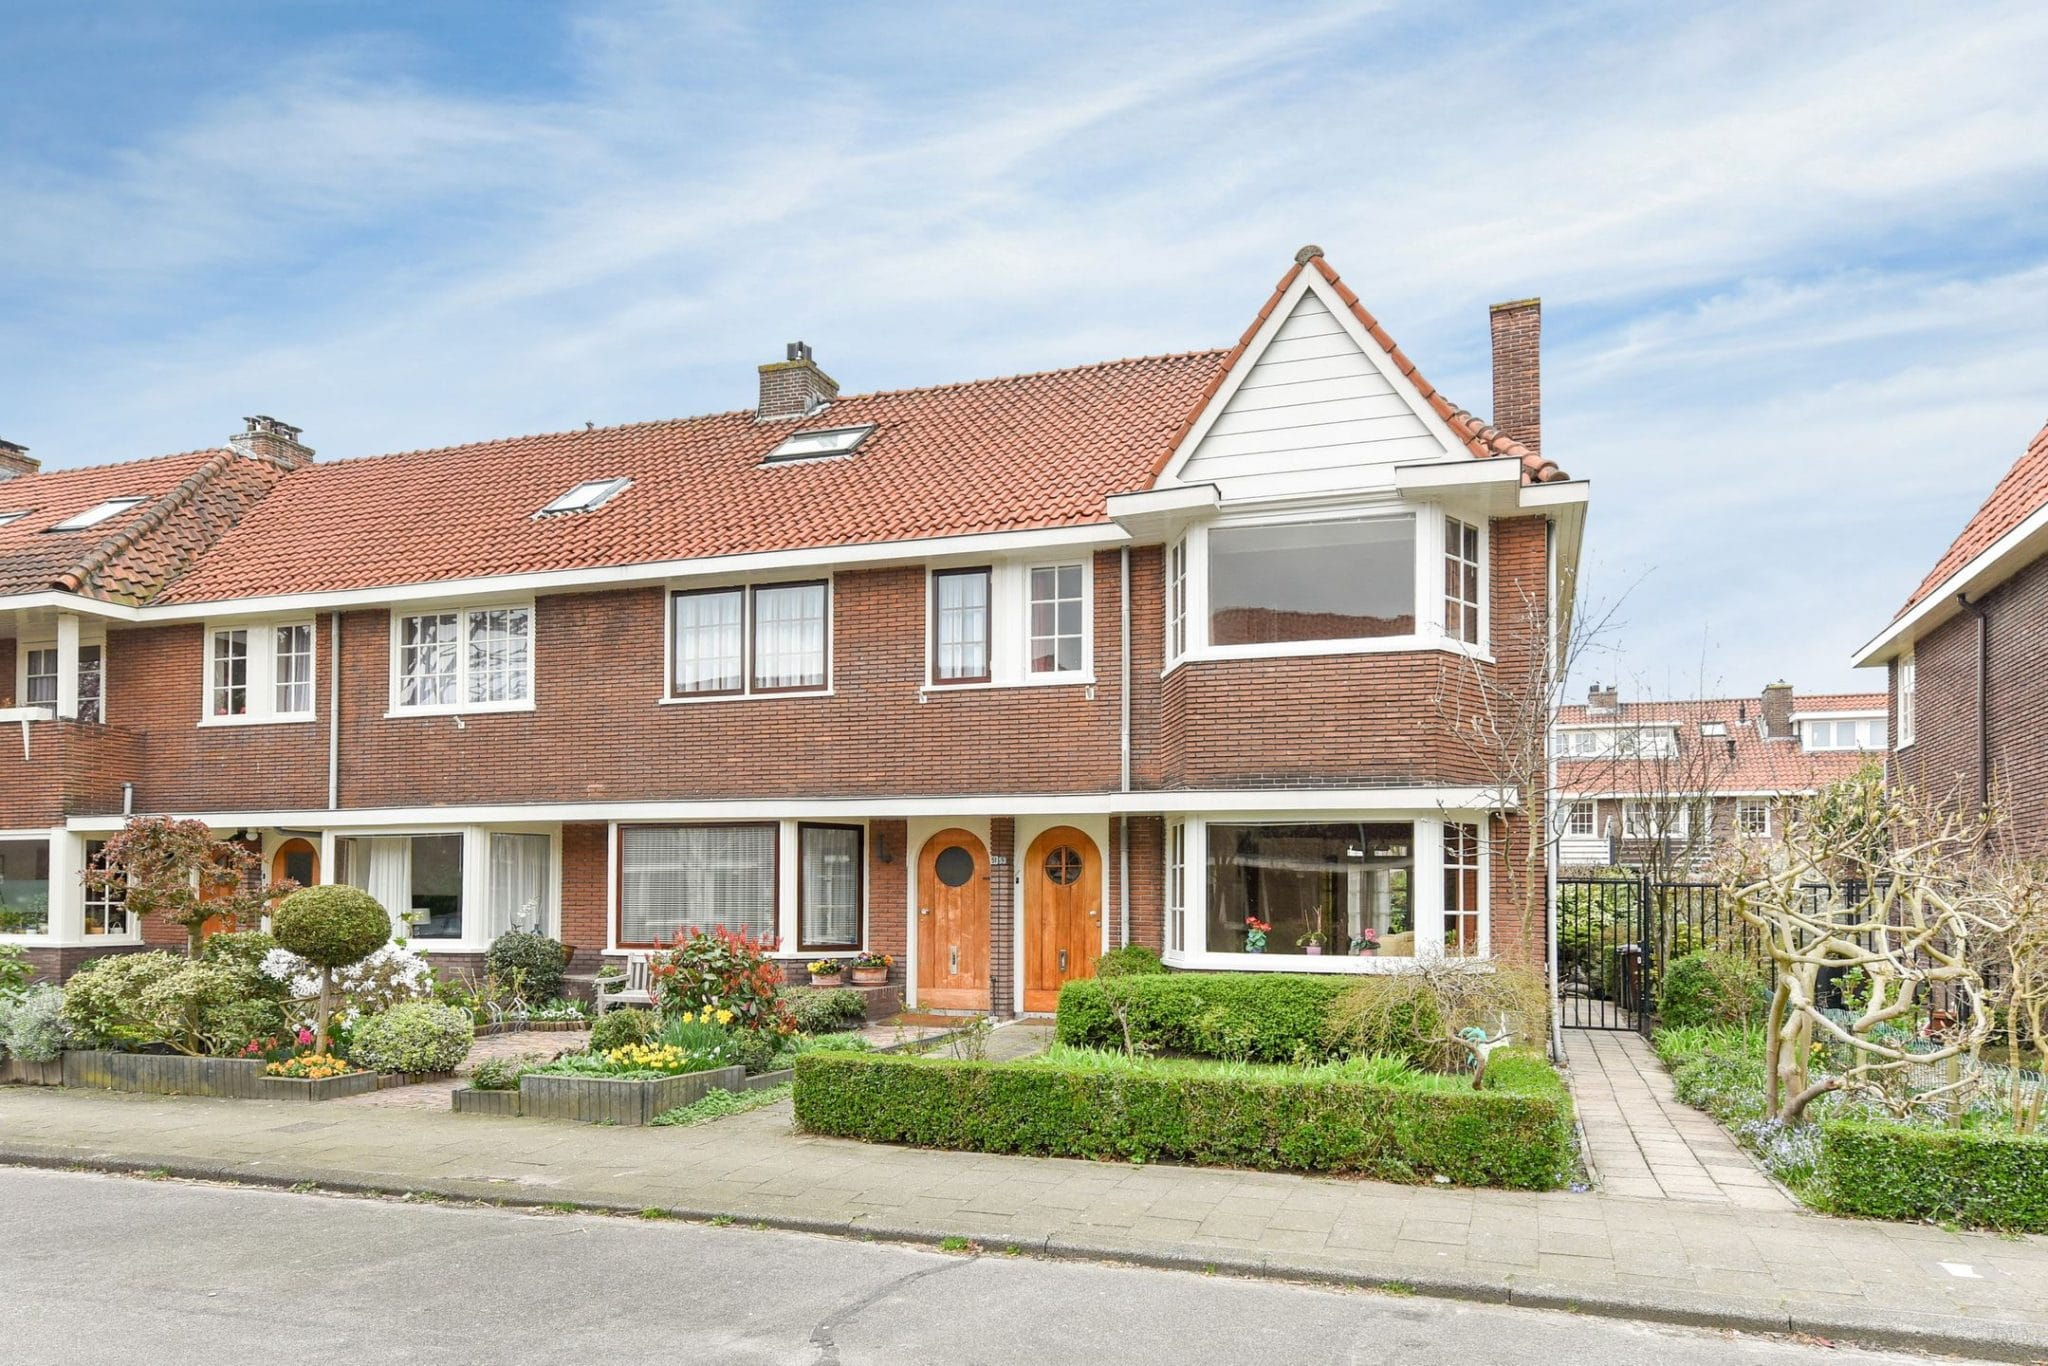 Jaren 30 woningen in Utrecht. Foto: indebuurt.nl